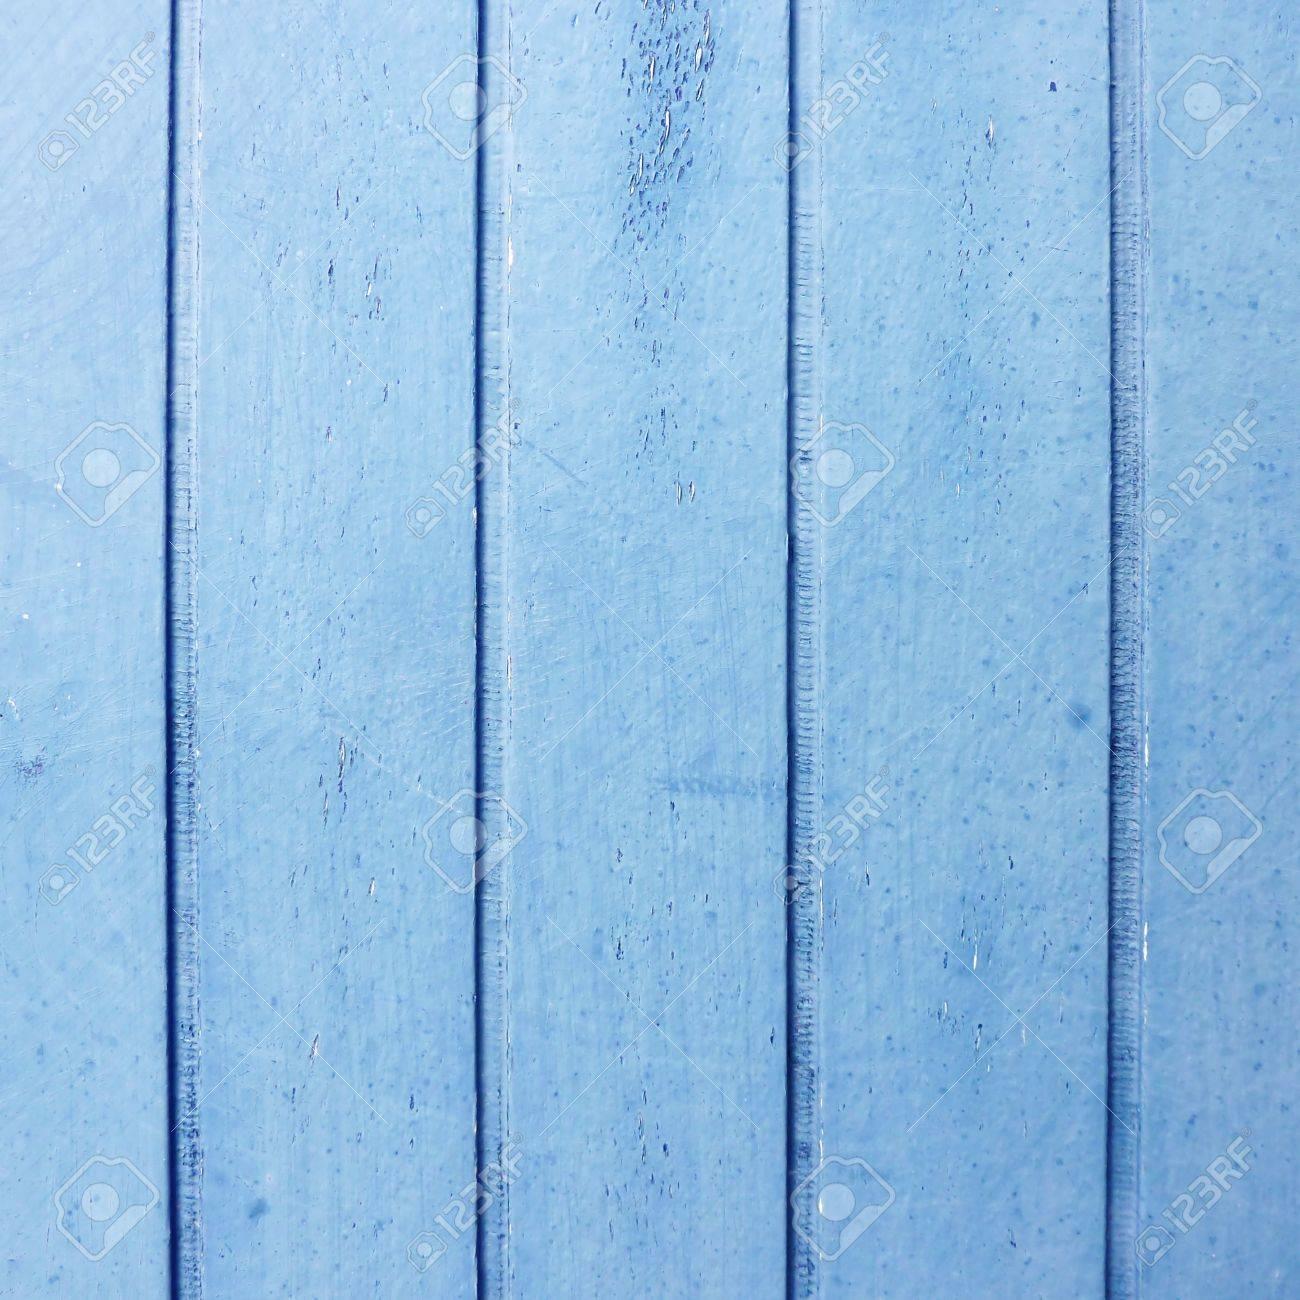 Holzleisten Blau Lackiert, Alte Tür-Detail Lizenzfreie Fotos, Bilder